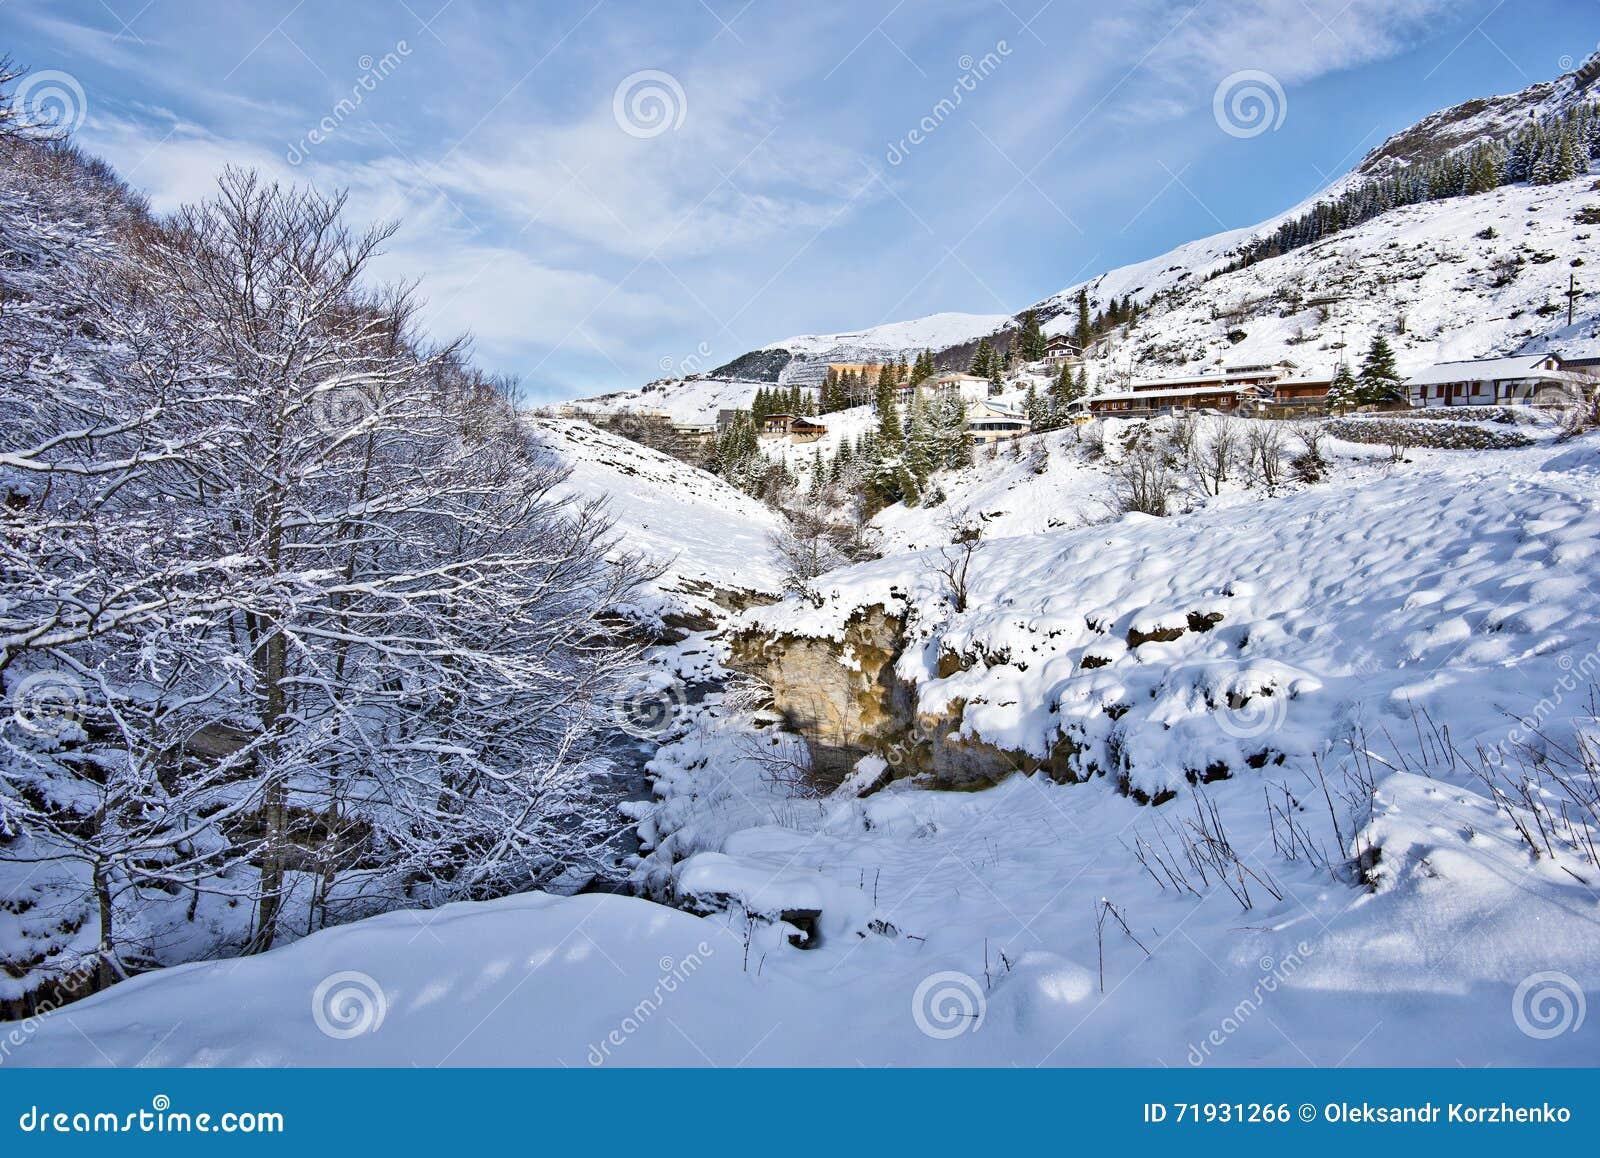 Ландшафт зимы вокруг горного села Gourette